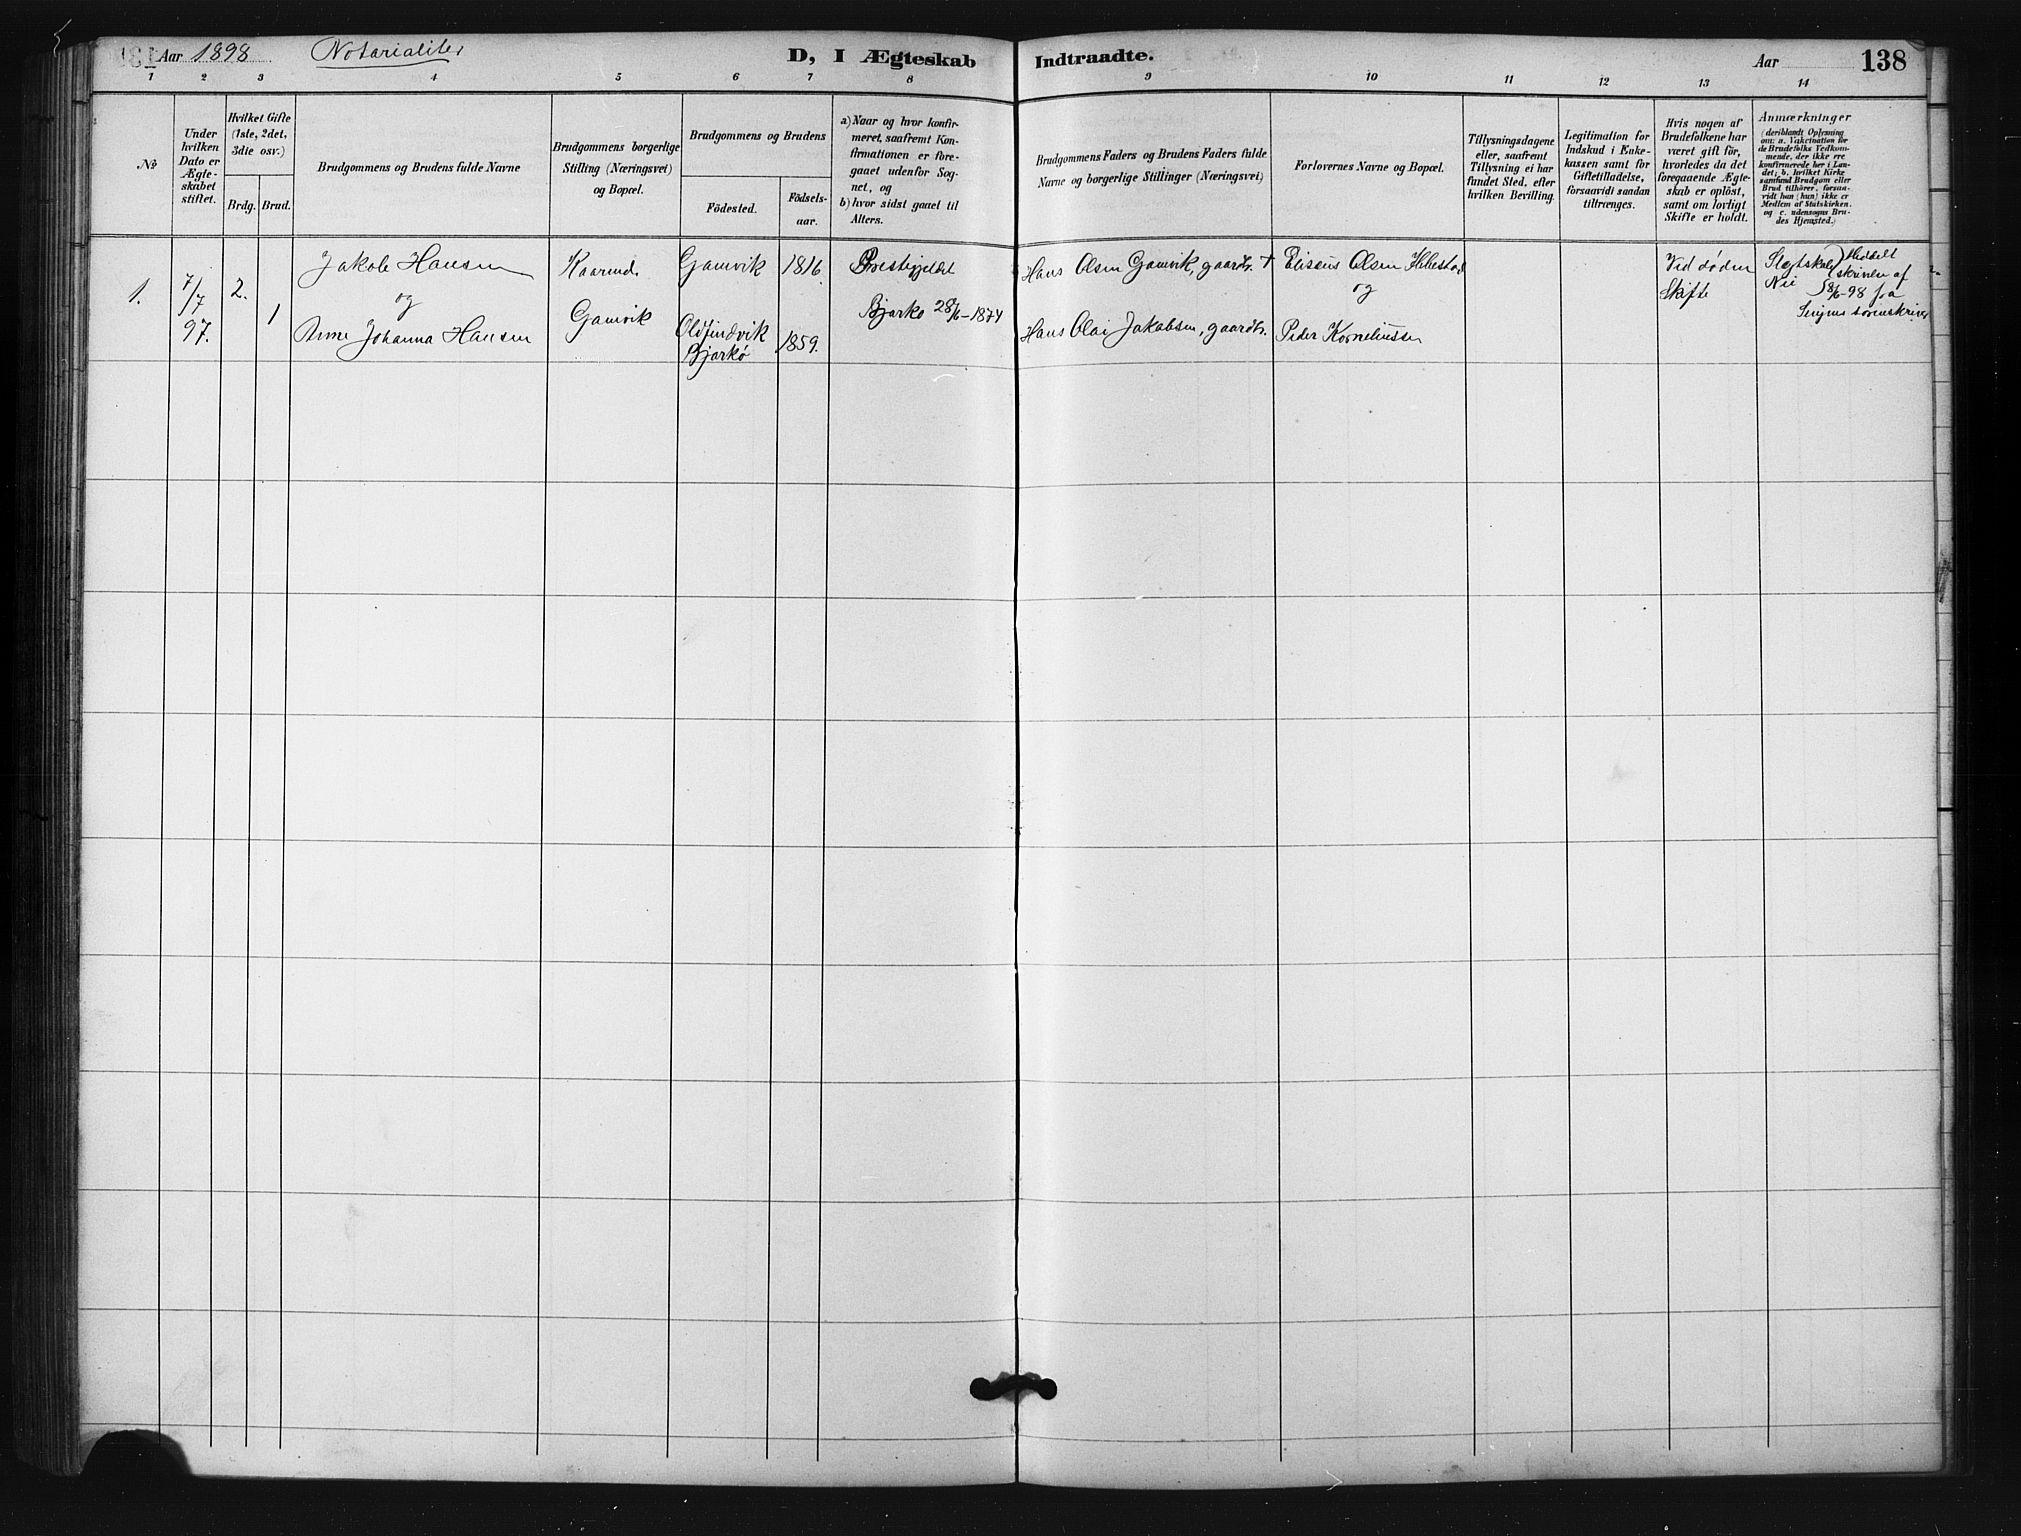 SATØ, Salangen sokneprestembete, H/Ha/L0001klokker: Klokkerbok nr. 1, 1893-1910, s. 138